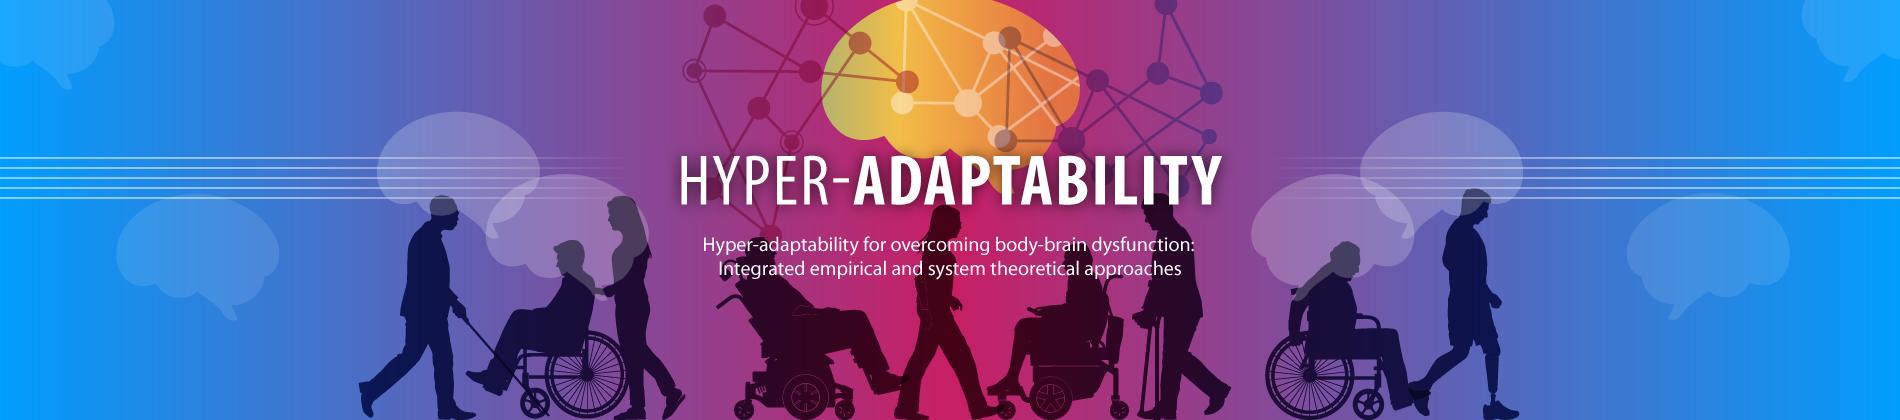 Hyper-Adaptability